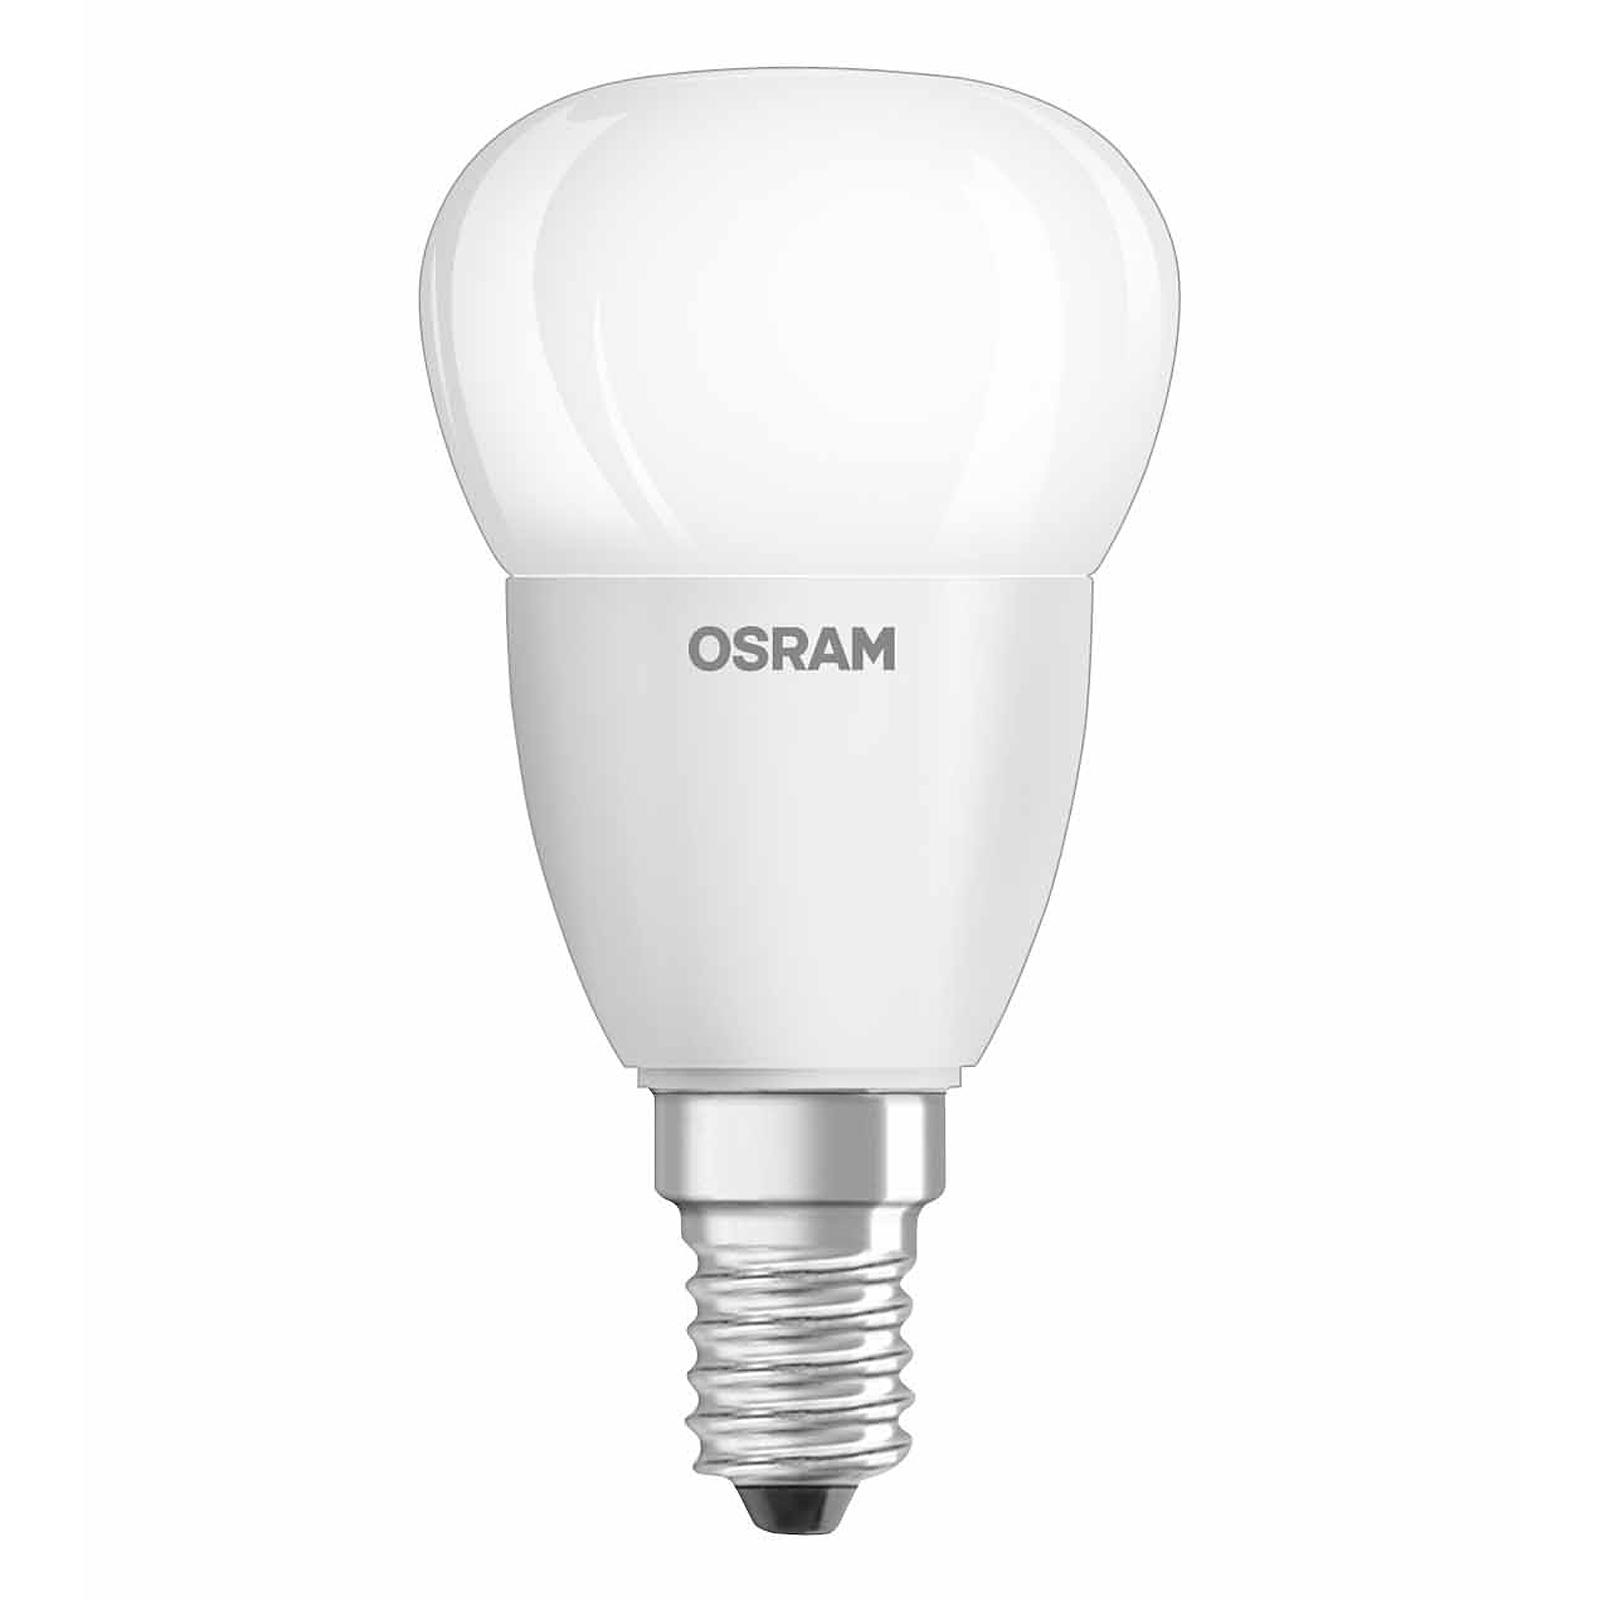 Led lampe osram e14 3 3w ersatz f r 25 watt 250 lumen for Led lampen 0 3 watt